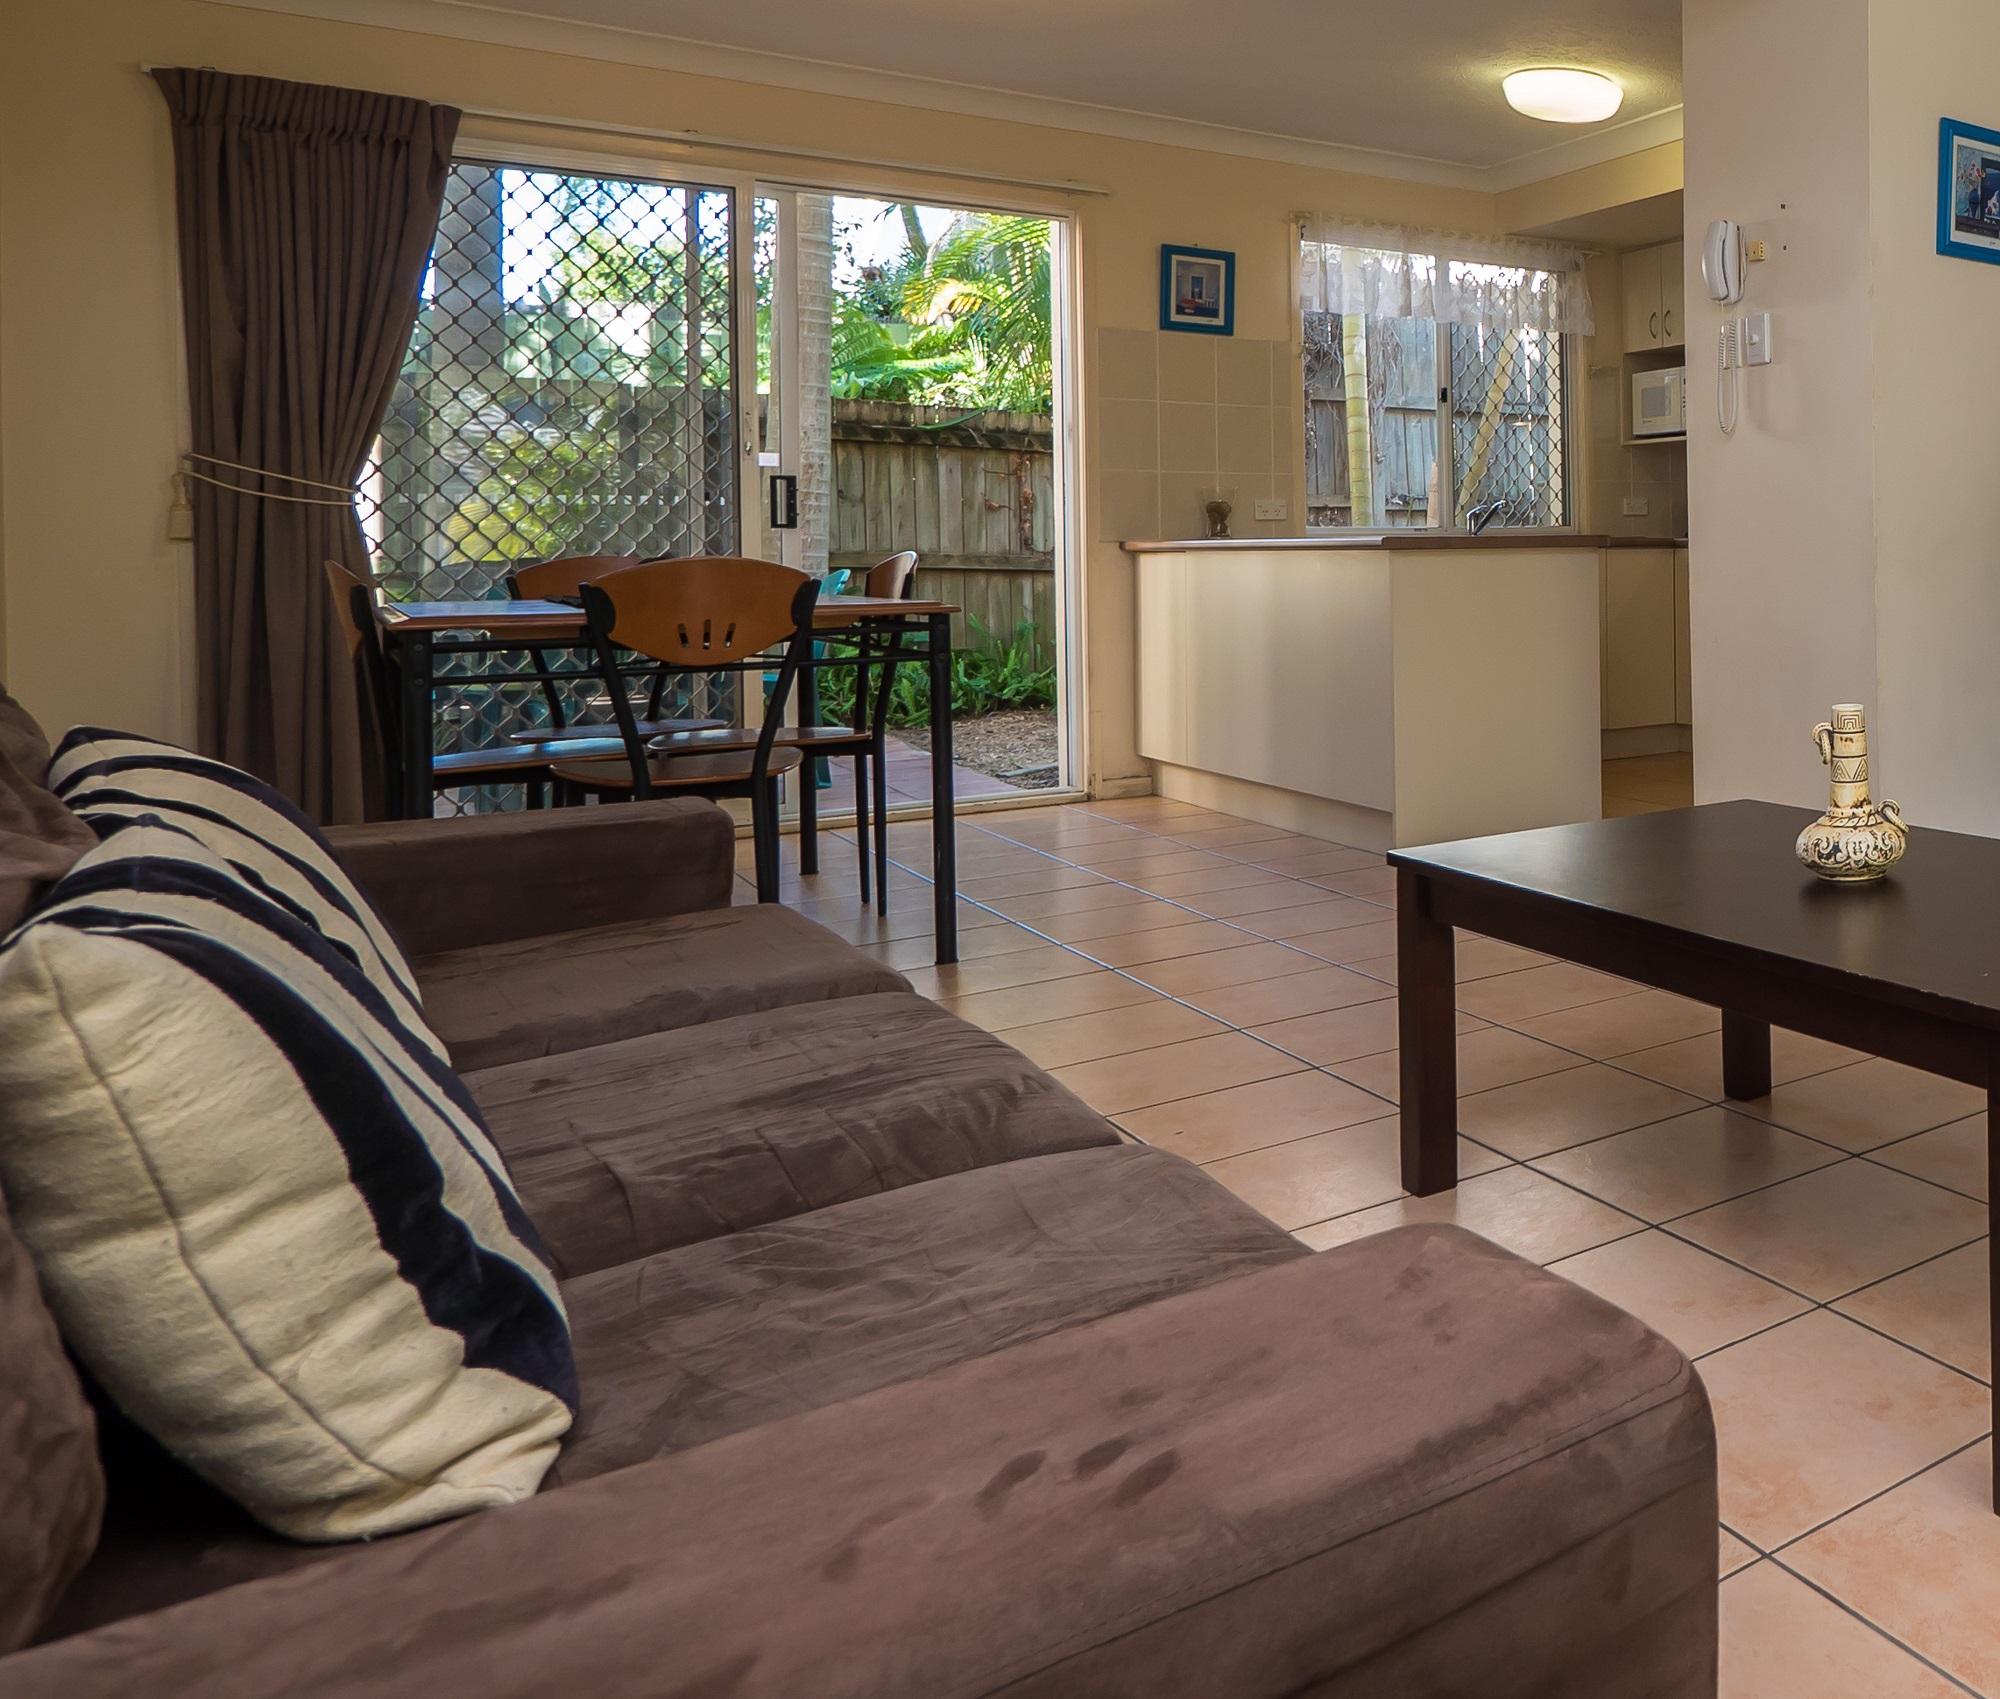 Isle of Palms Resort Accommodation - Lounge